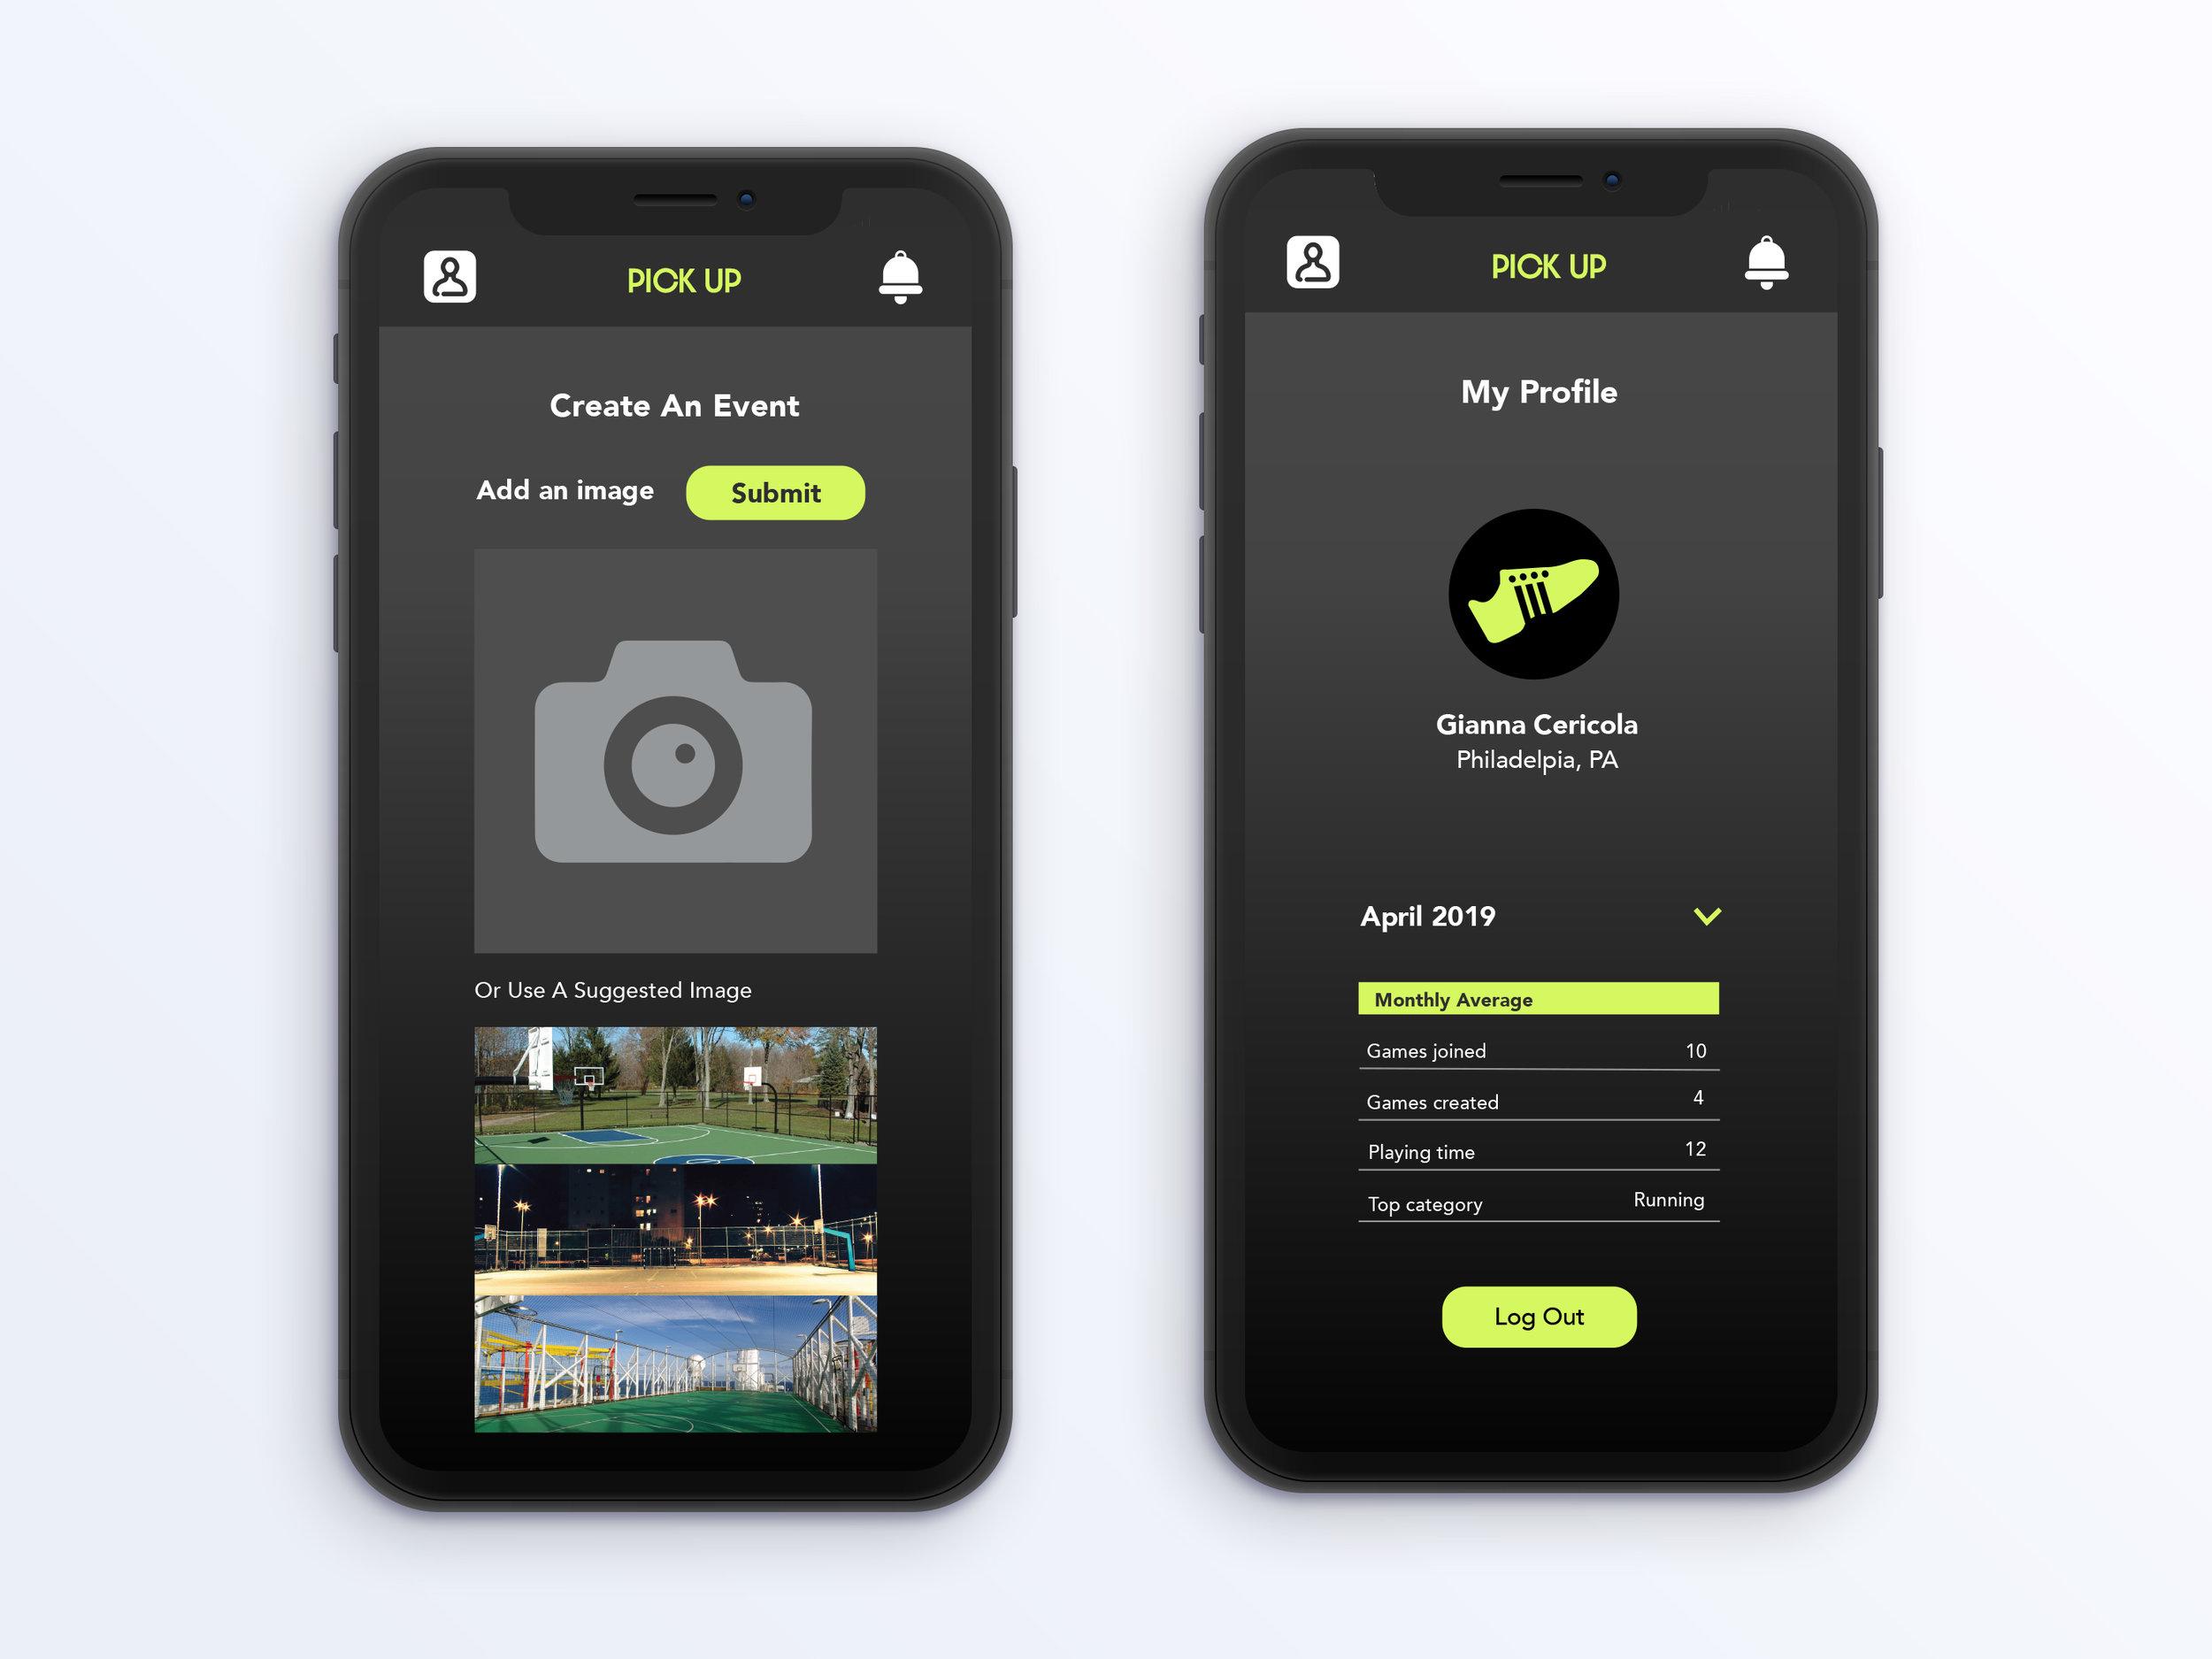 pickupscreens3.jpg